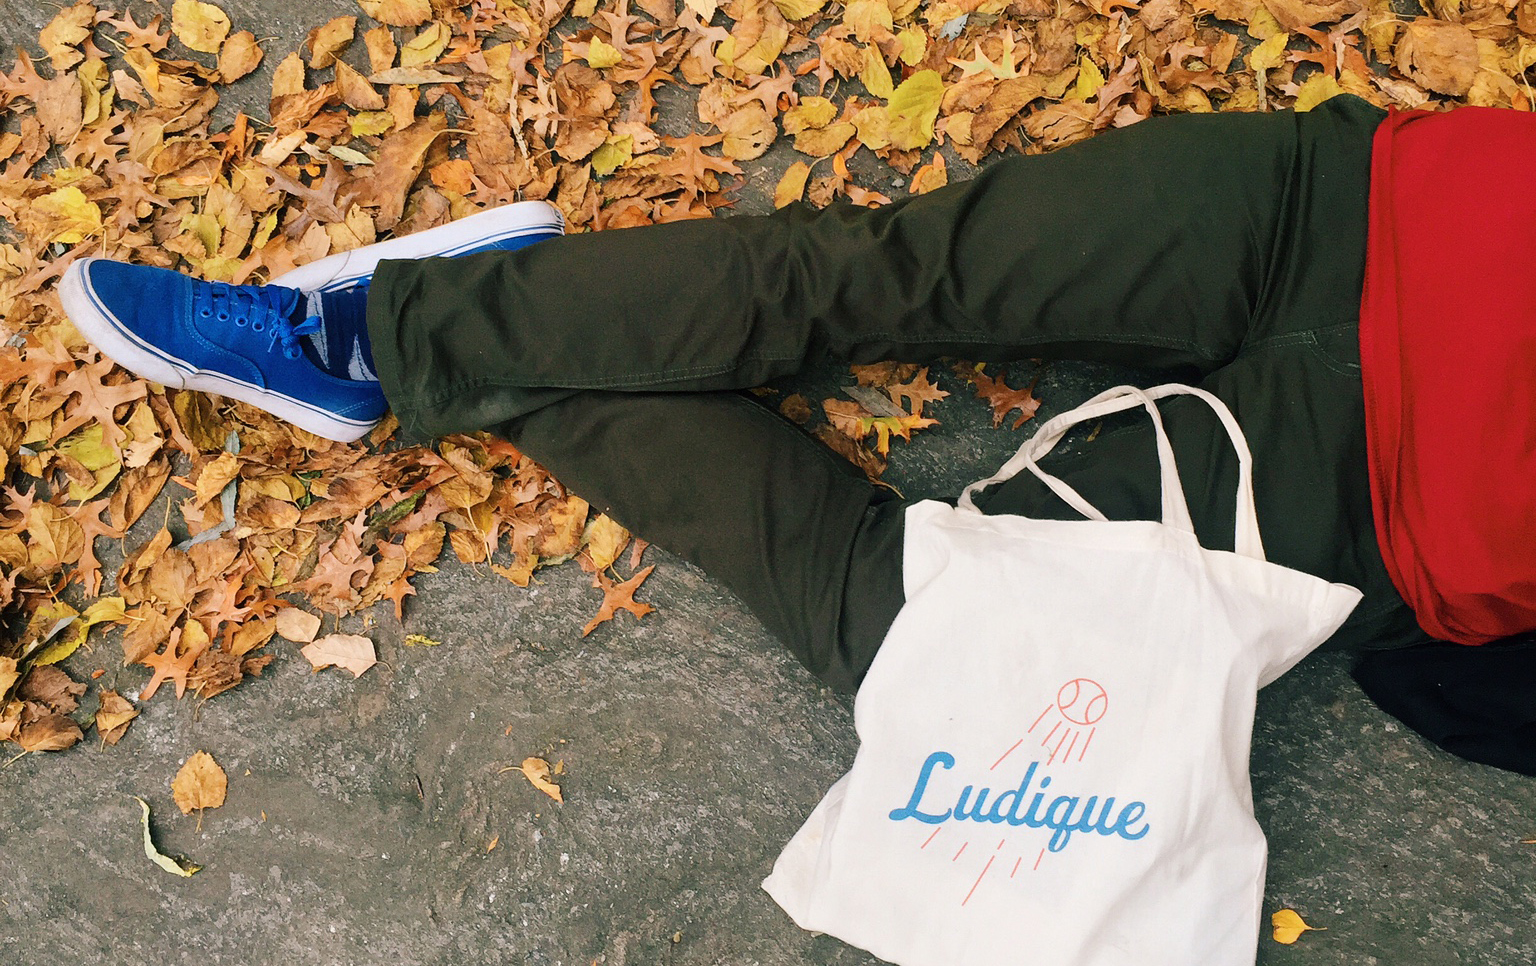 Ludique Fall 2015 - Hat/Bag Editorial